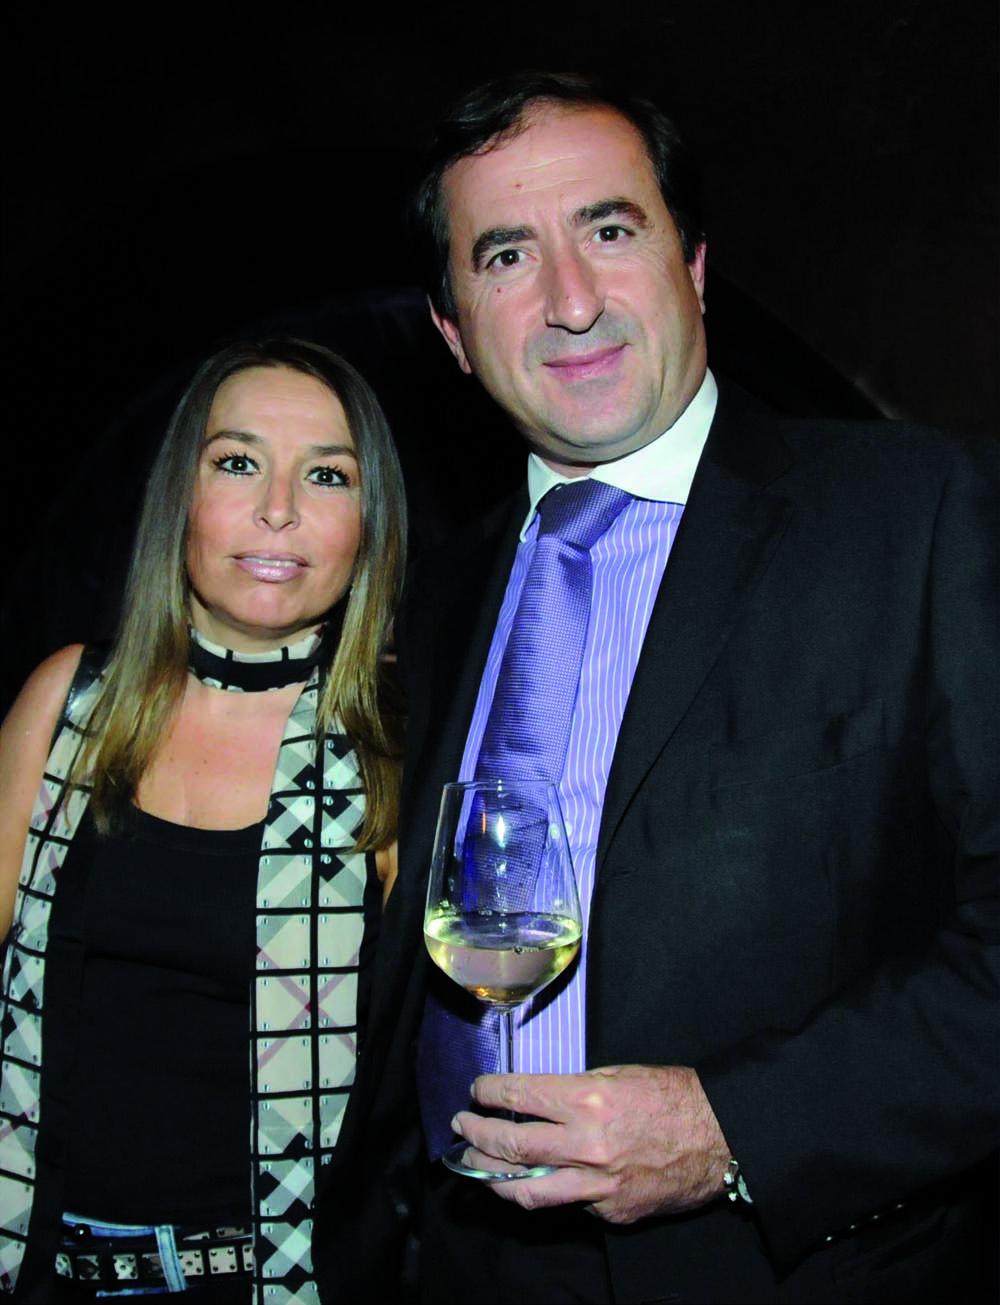 Pressphoto,Firenze Magazine Inaugurazione ristorante colle Bereto  Ilaria Cionini,,Alessandro Agosti